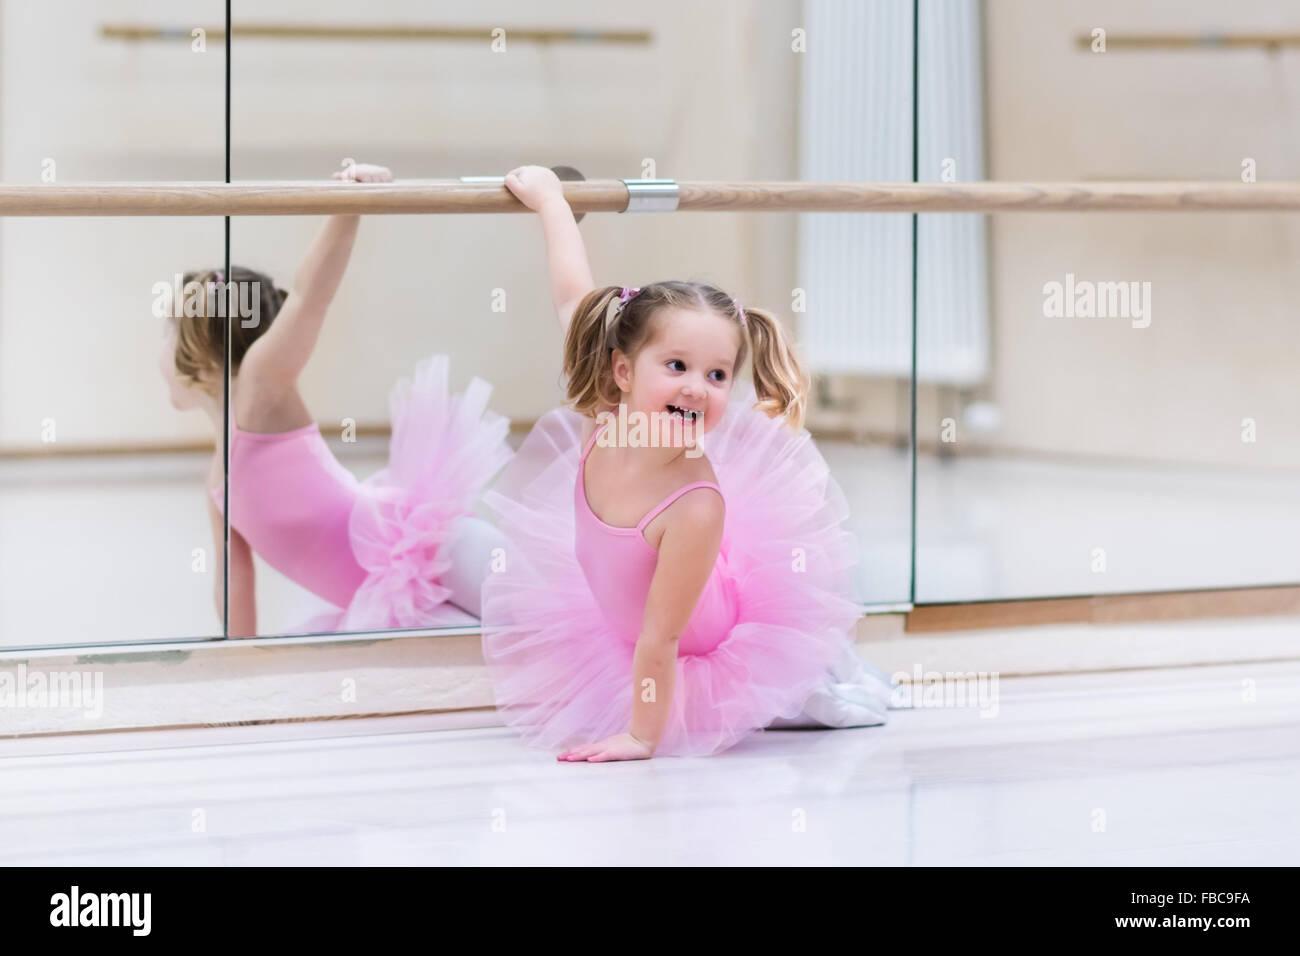 petite fille ballerine dans un tutu rose adorable enfant danse ballet classique dans un livre. Black Bedroom Furniture Sets. Home Design Ideas